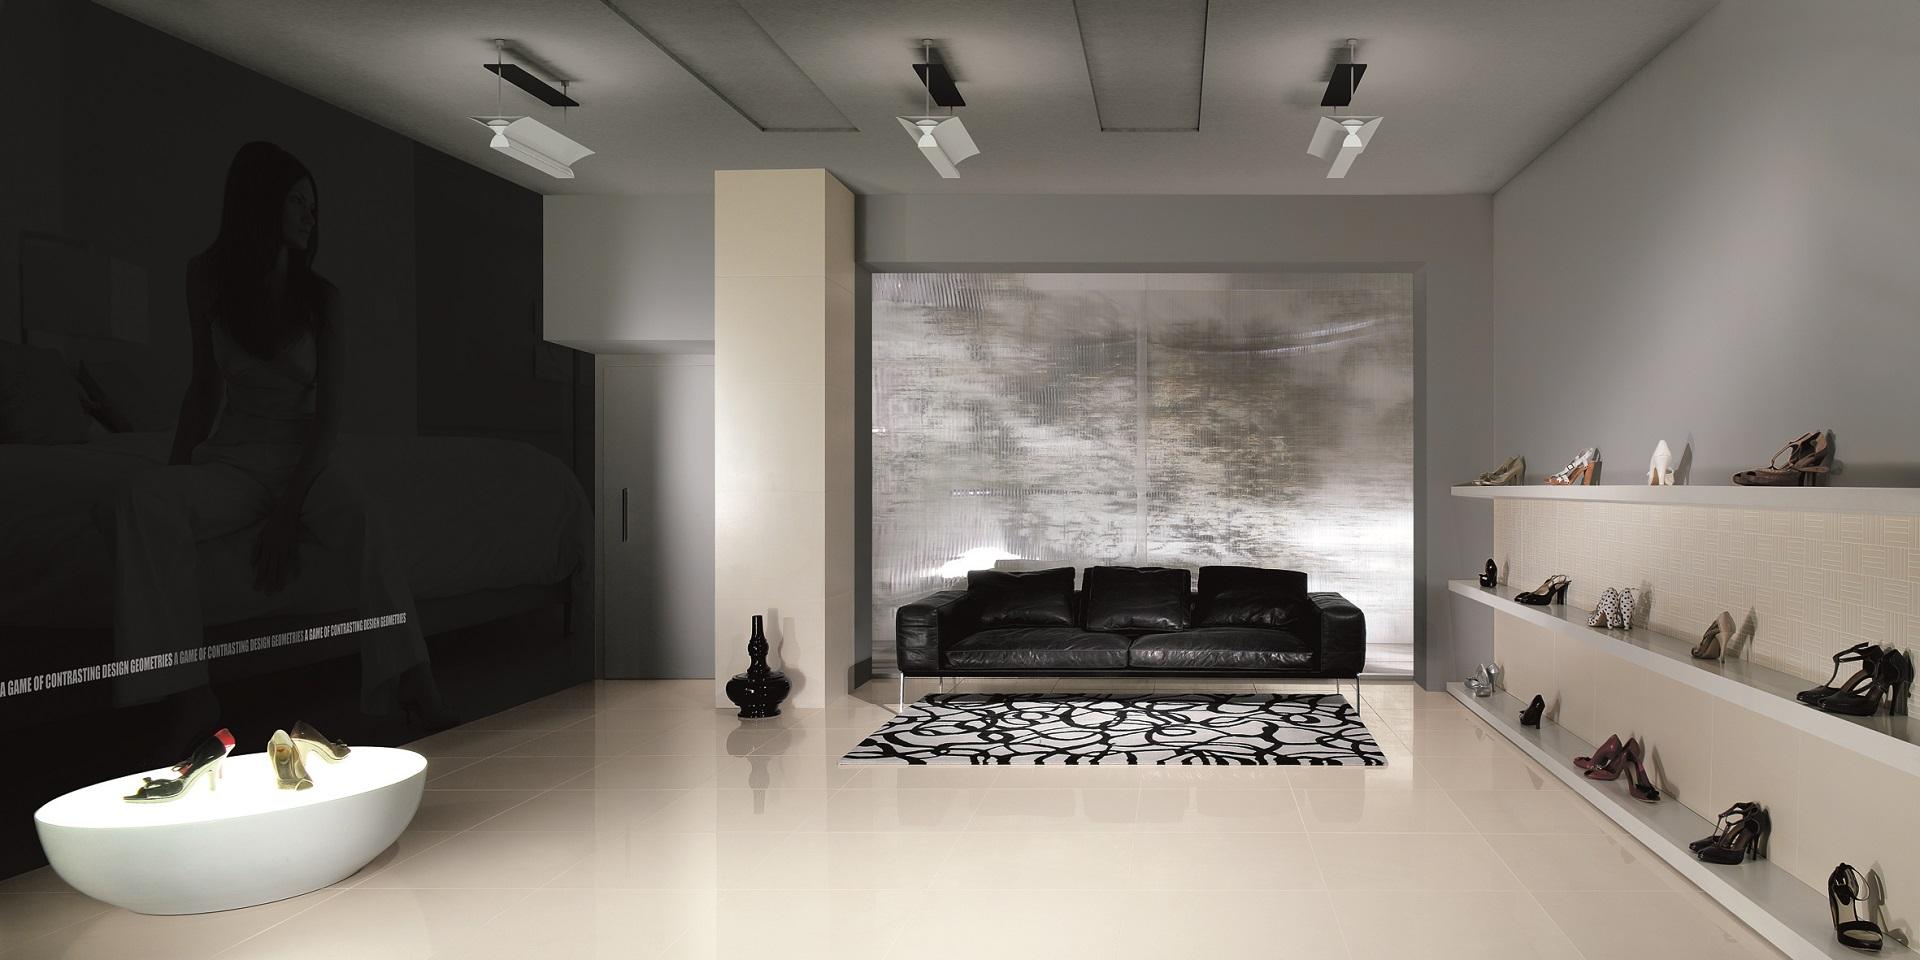 Những đặc quyền về không gian kiến trúc luôn được biểu thị bằng những tiêu chuẩn thẩm mỹ nghiêm ngặt.